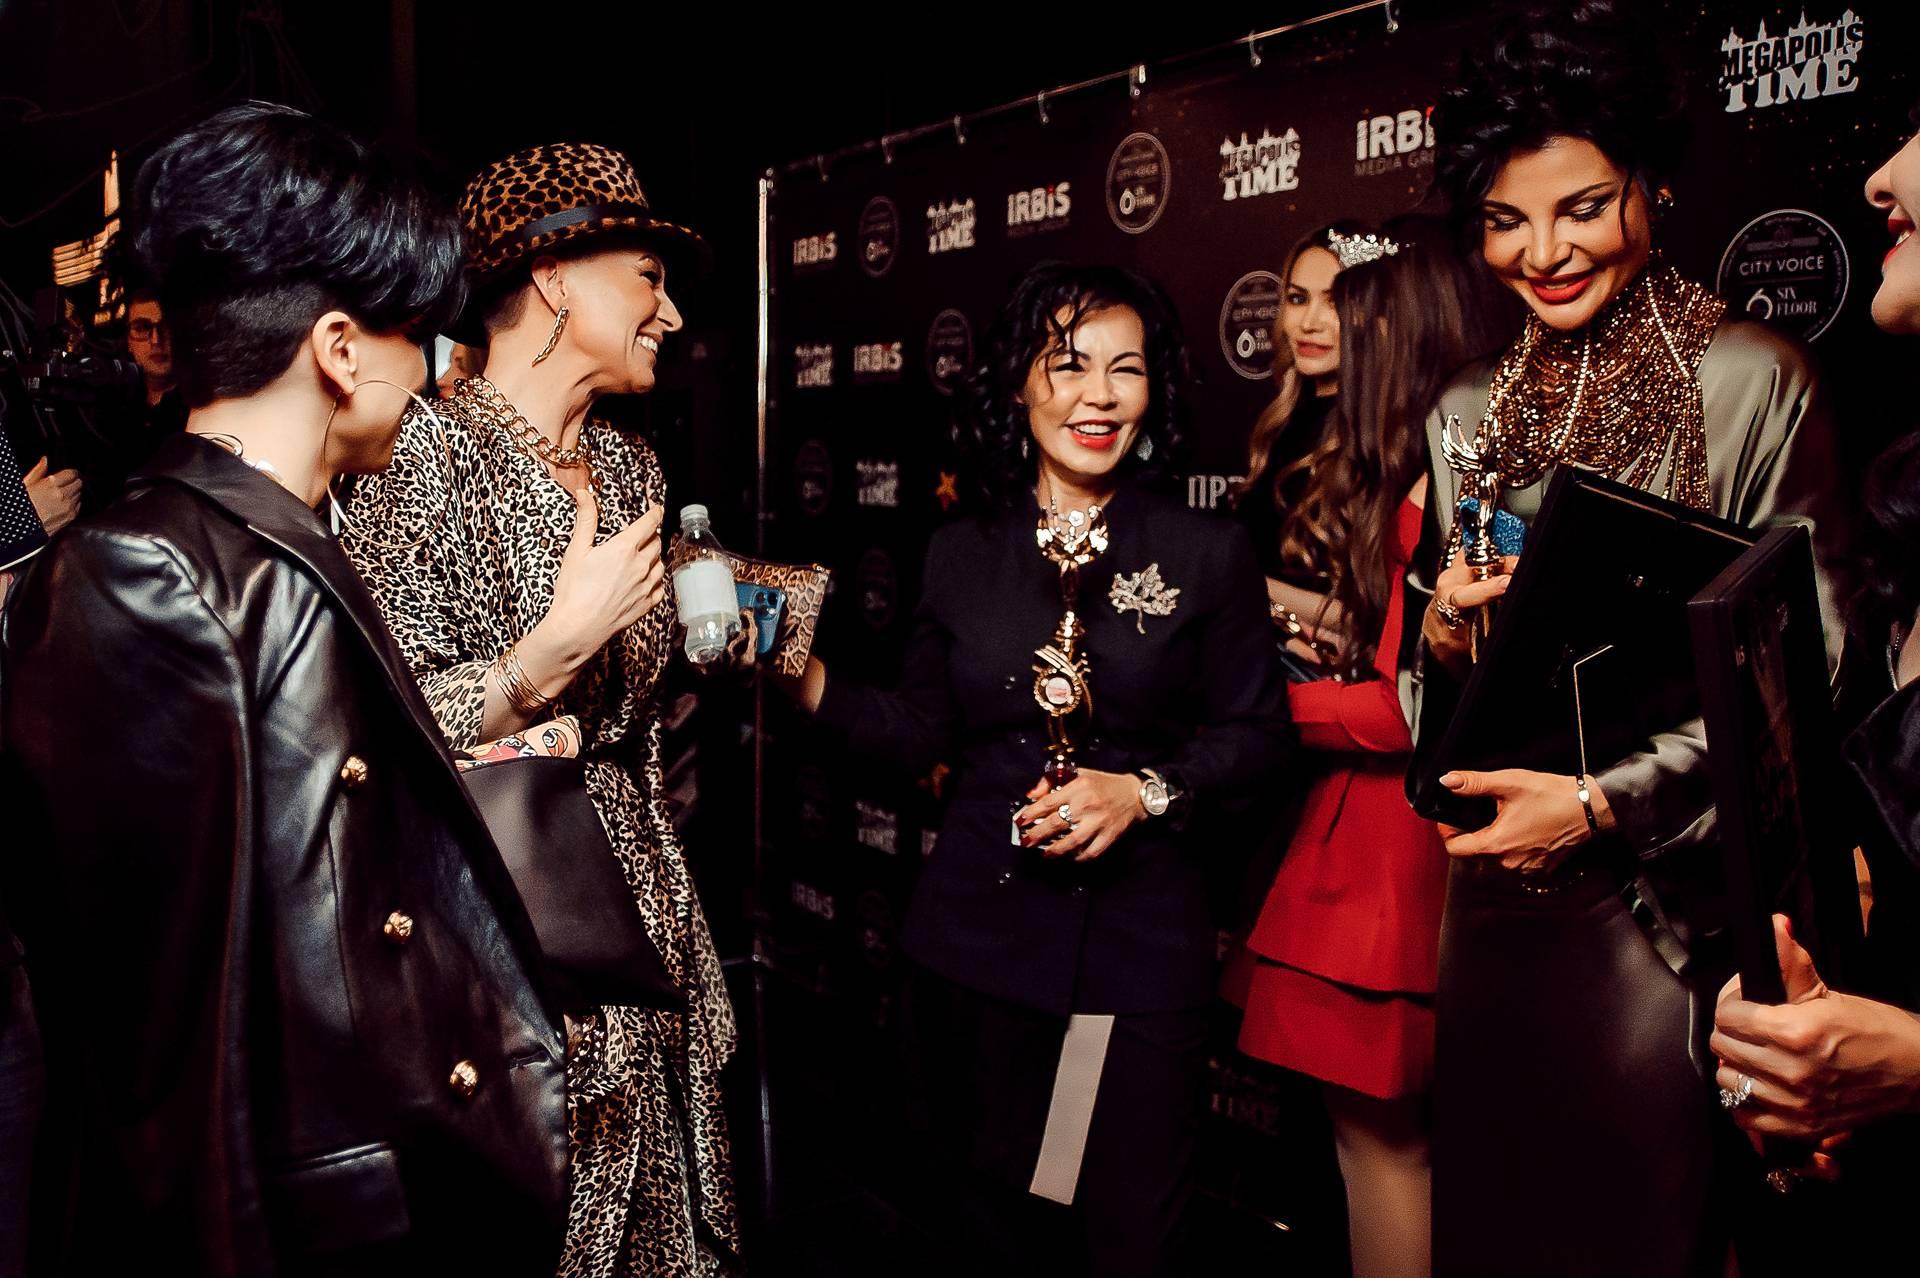 В Москве состоялась IV ежегодная премия от журнала Megapolis Time